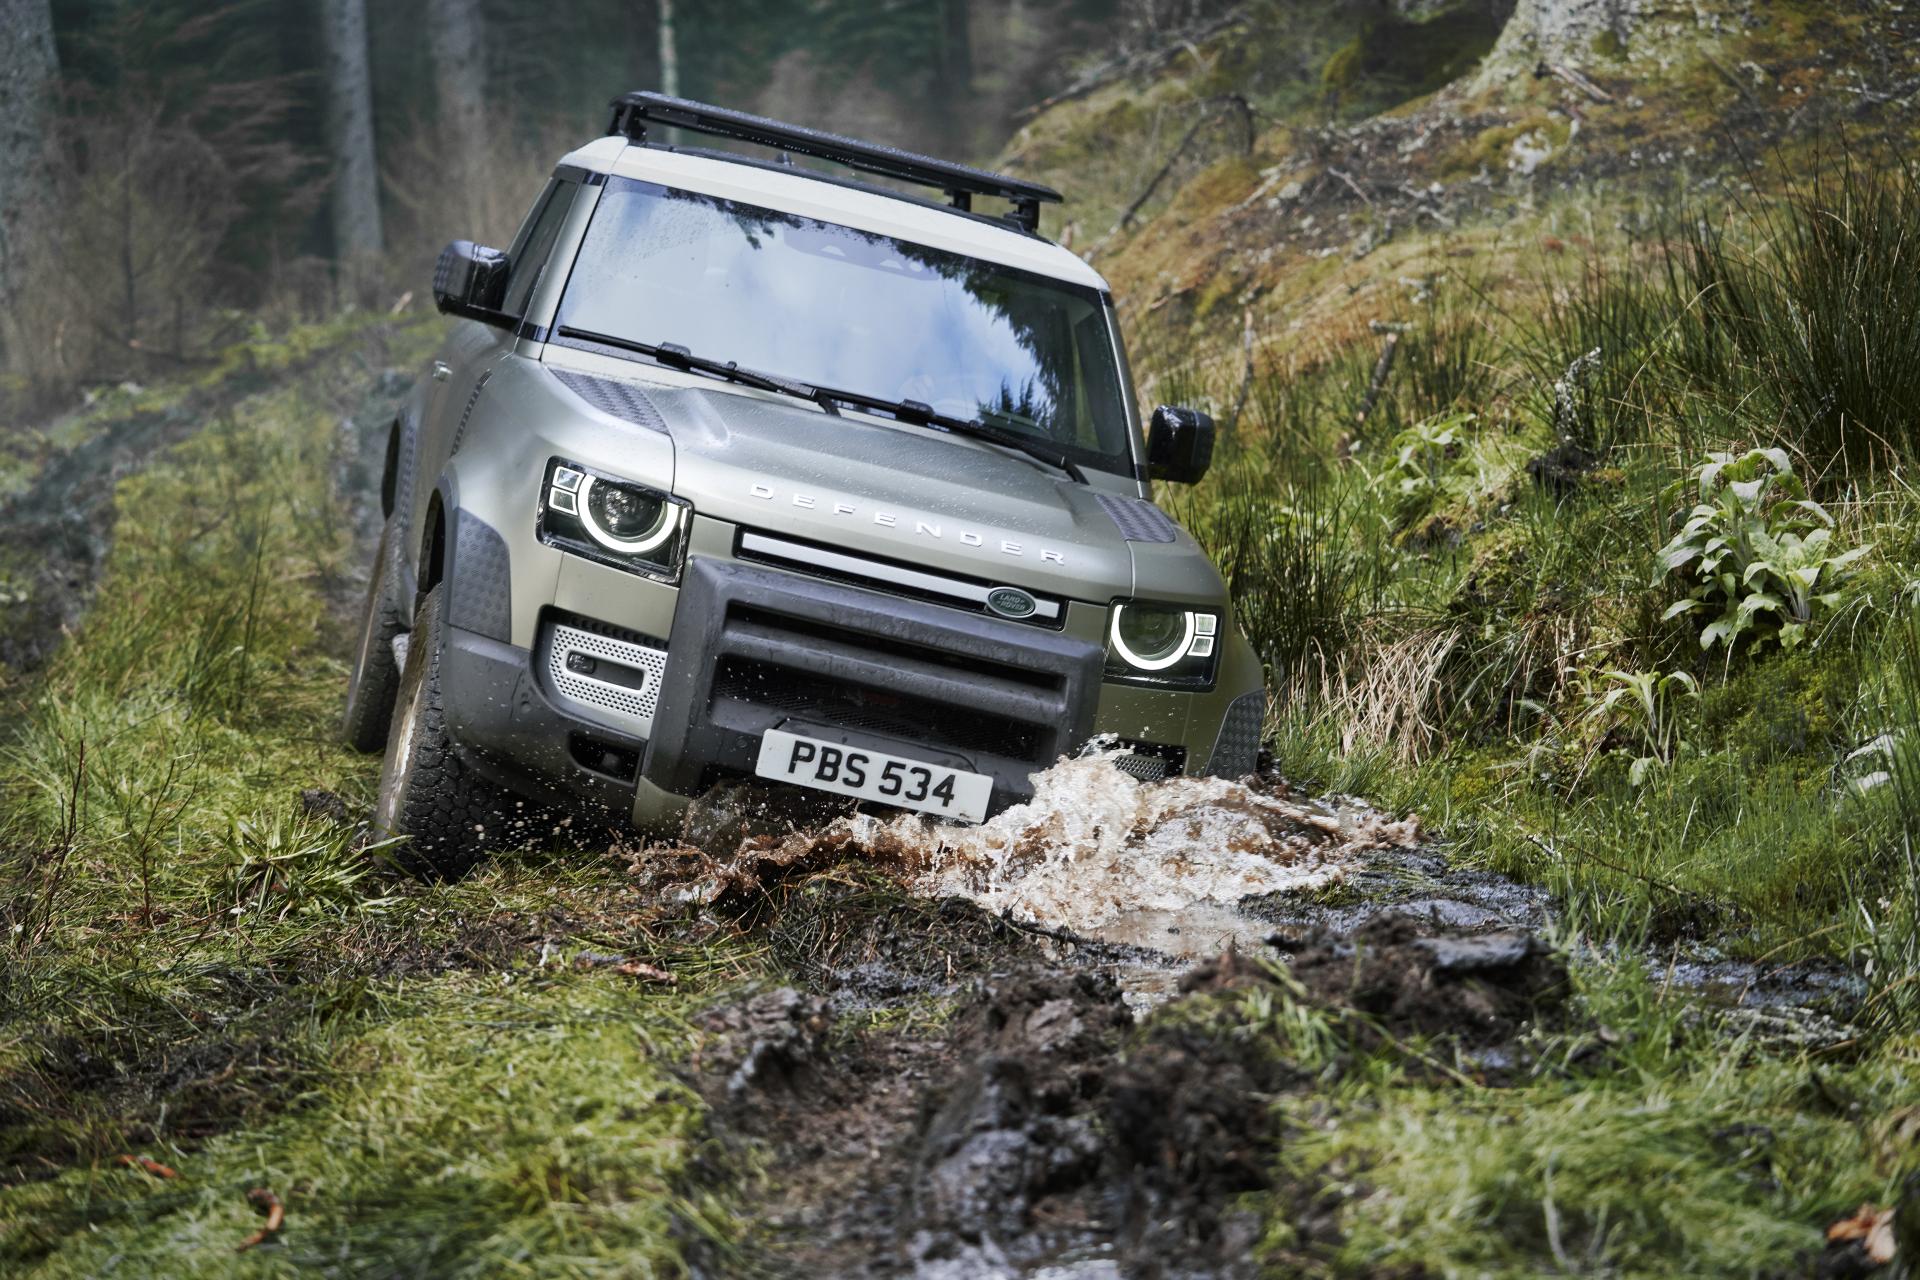 Prix Land Rover Defender 2019, tarifs,équipements et fiches techniques